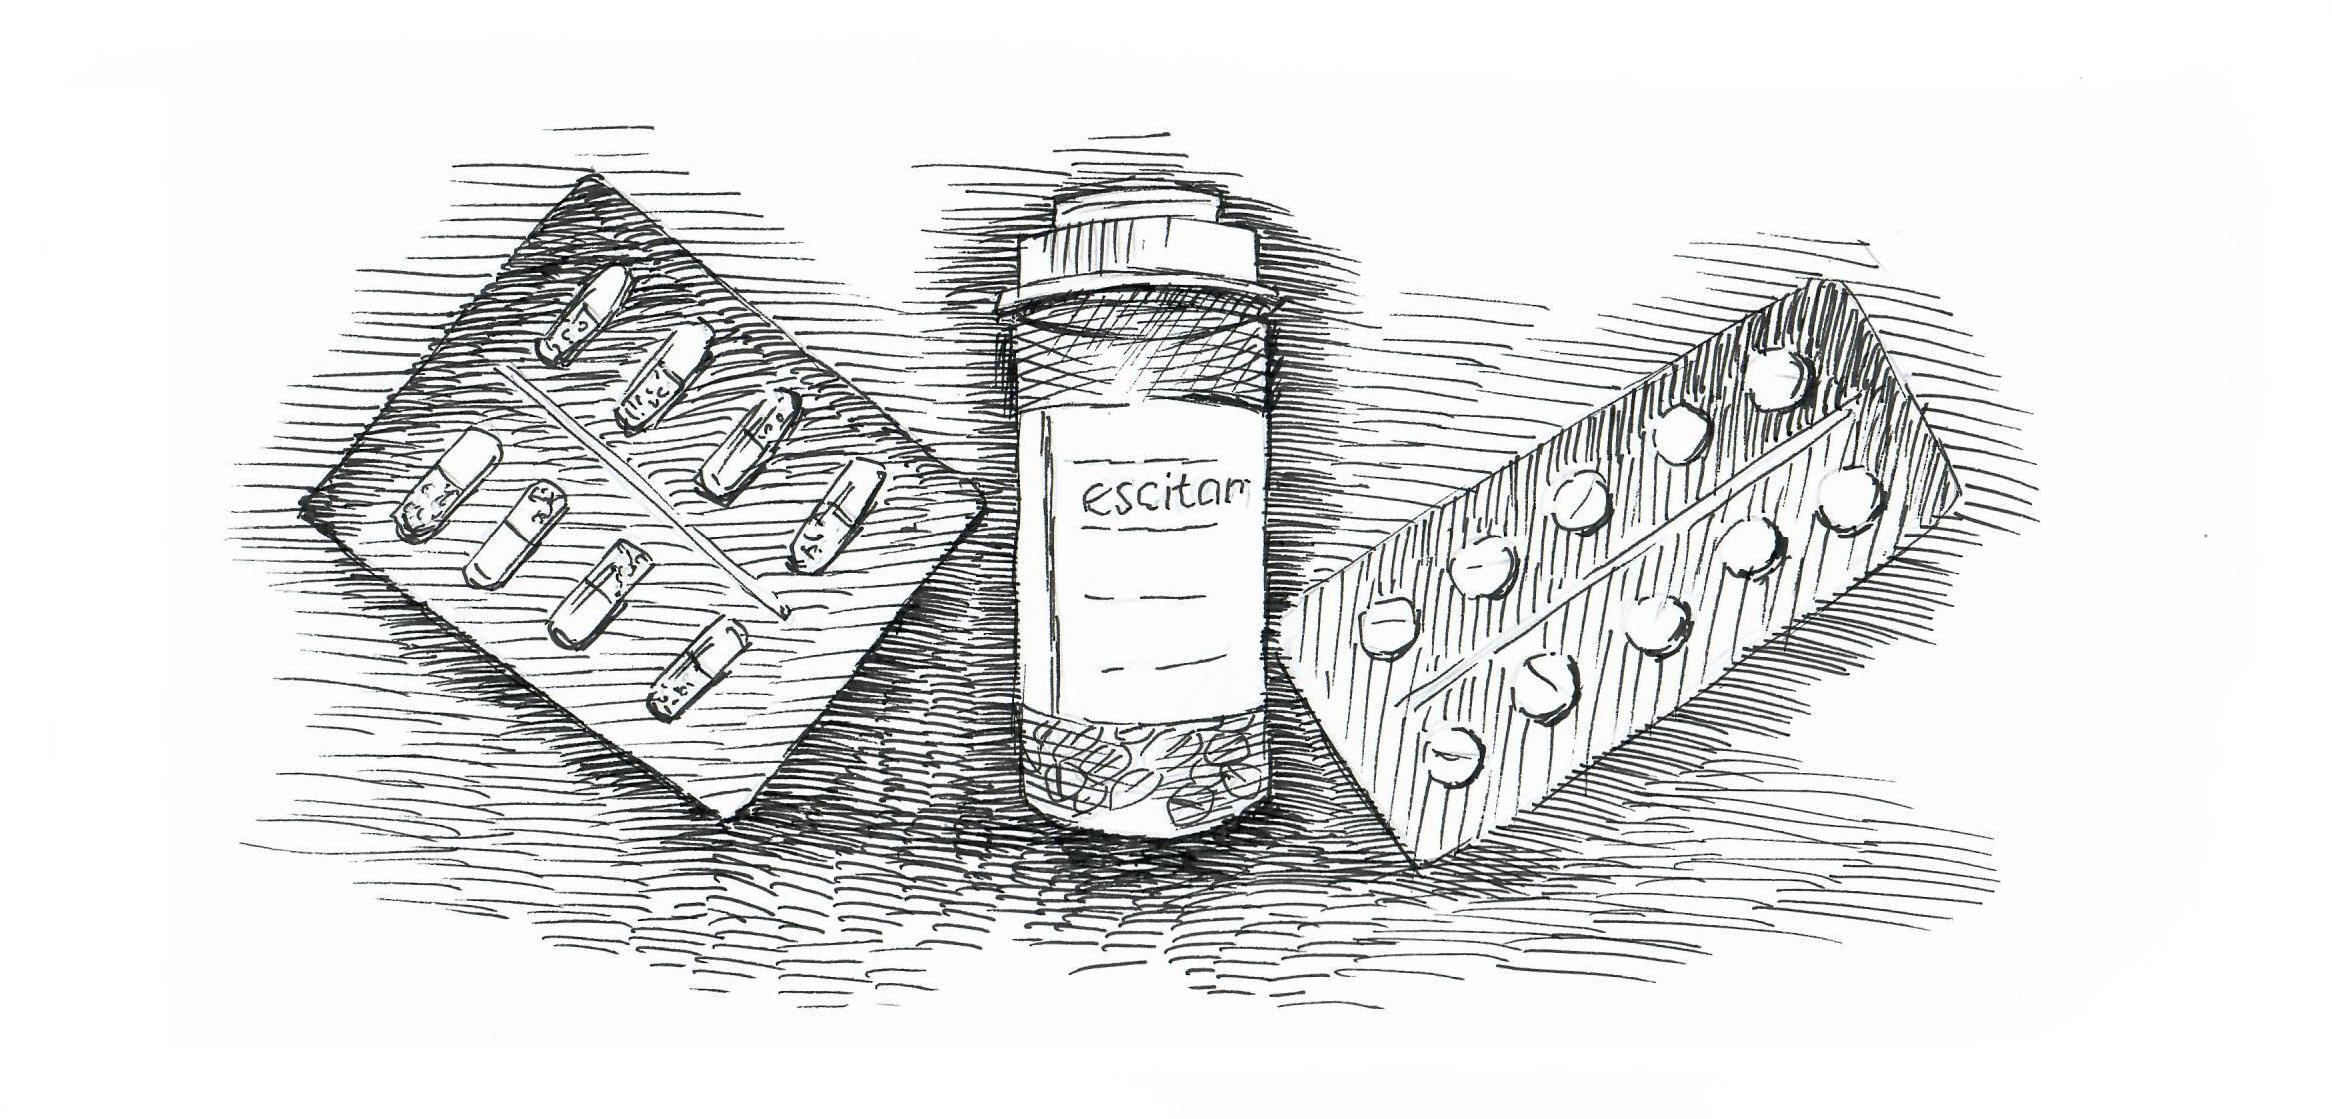 Таблетки помогли справиться исдепрессивным эпизодом, ис последствиями детских травм.